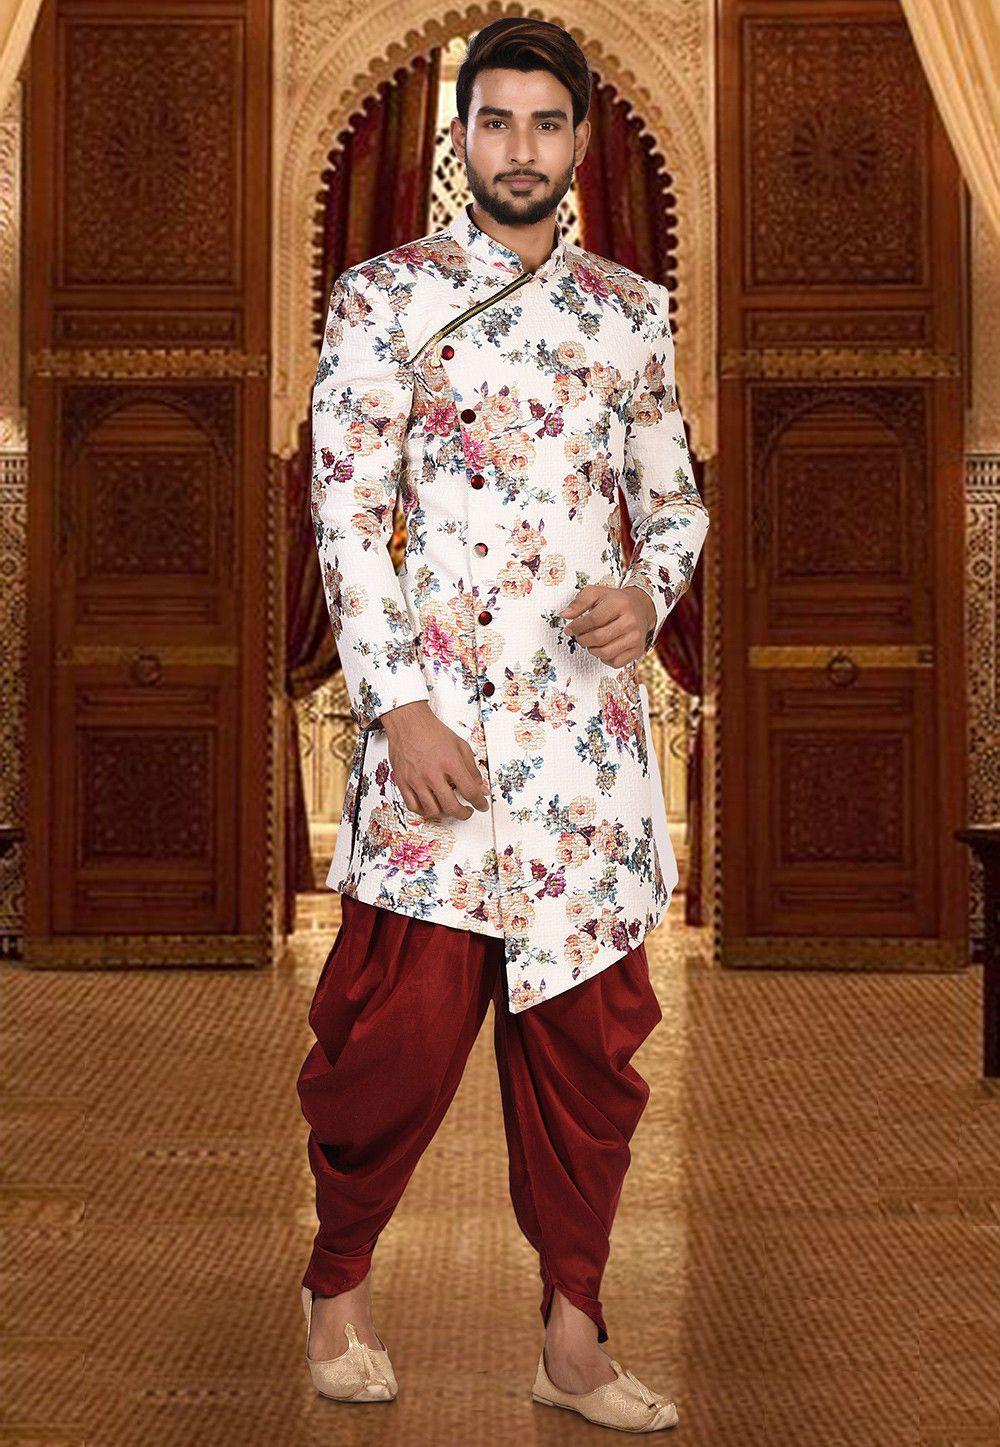 Pin by Paola Bracho Luwy on hombre in 2020 Groom dress